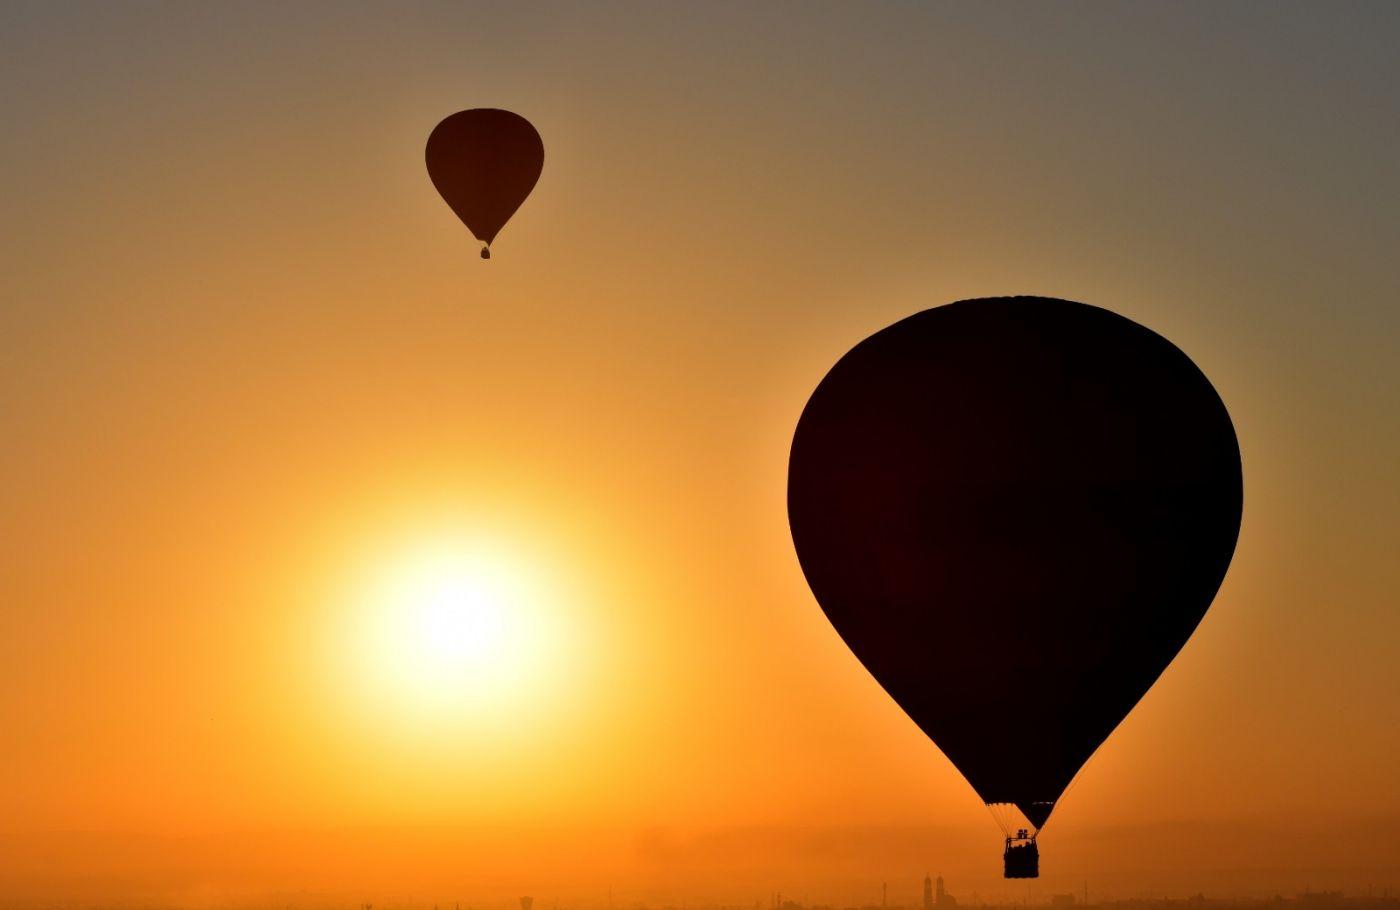 卢克索坐热气球观日出_图1-33